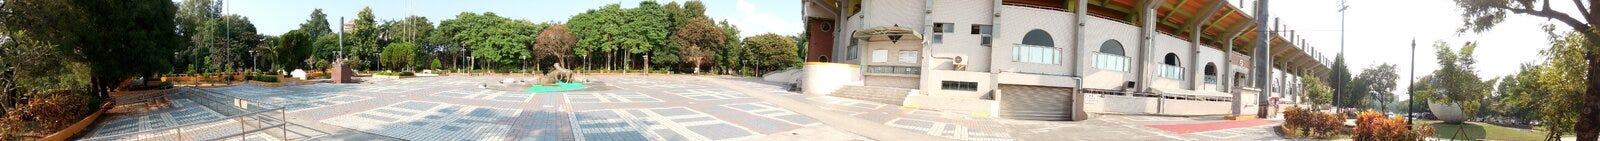 Panorama - plaza fuori dello stadio di baseball della città di Chiayi fotografia stock libera da diritti